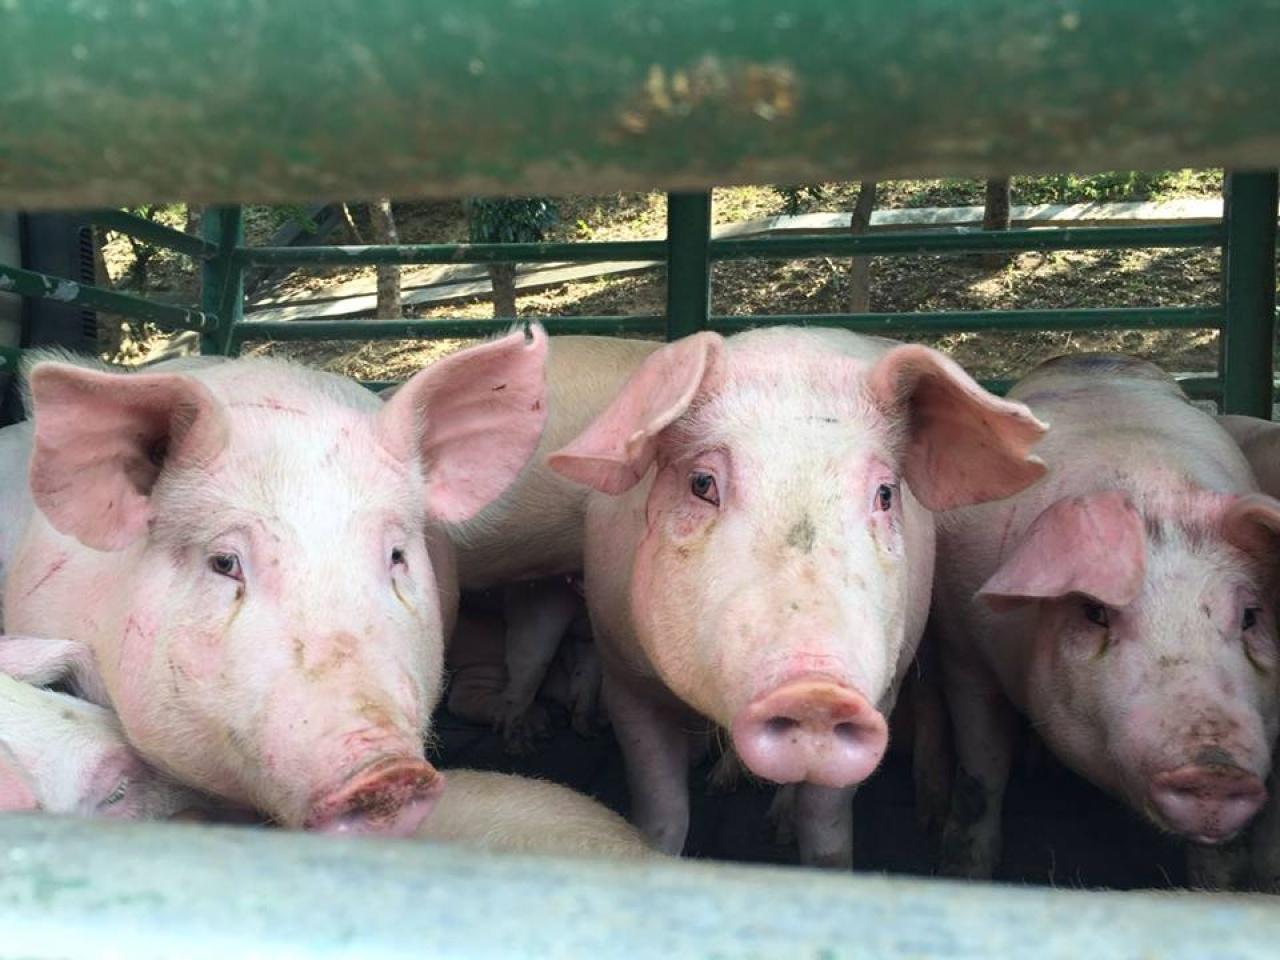 「豬和人很相似,同是哺乳類動物,所以揀了豬作切入點。」一芯說。(受訪者提供)